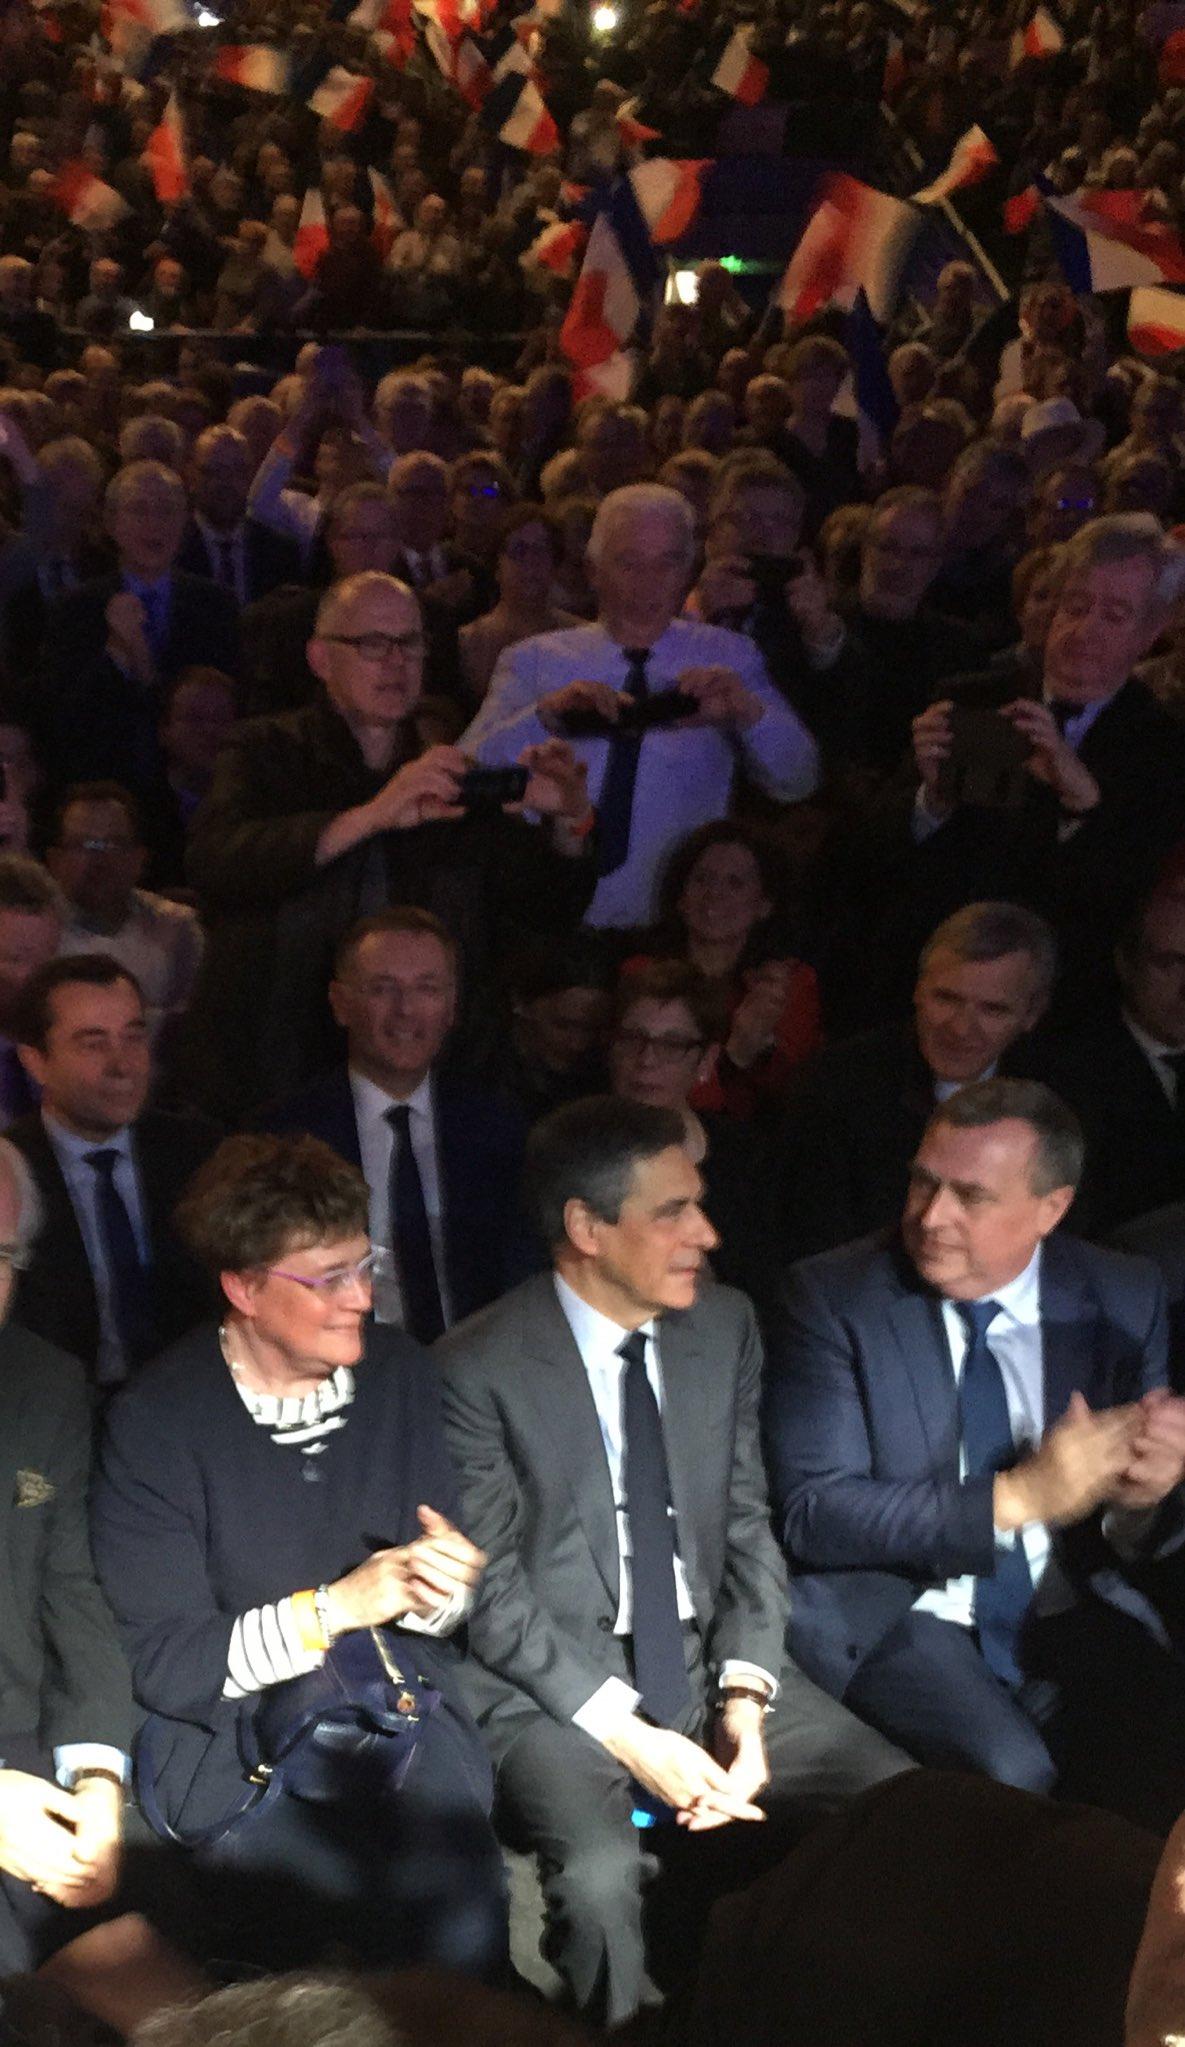 Un grand @FrancoisFillon ce soir à #Orleans #FillonOrleans #FillonPresident https://t.co/mVKIJvXxgD